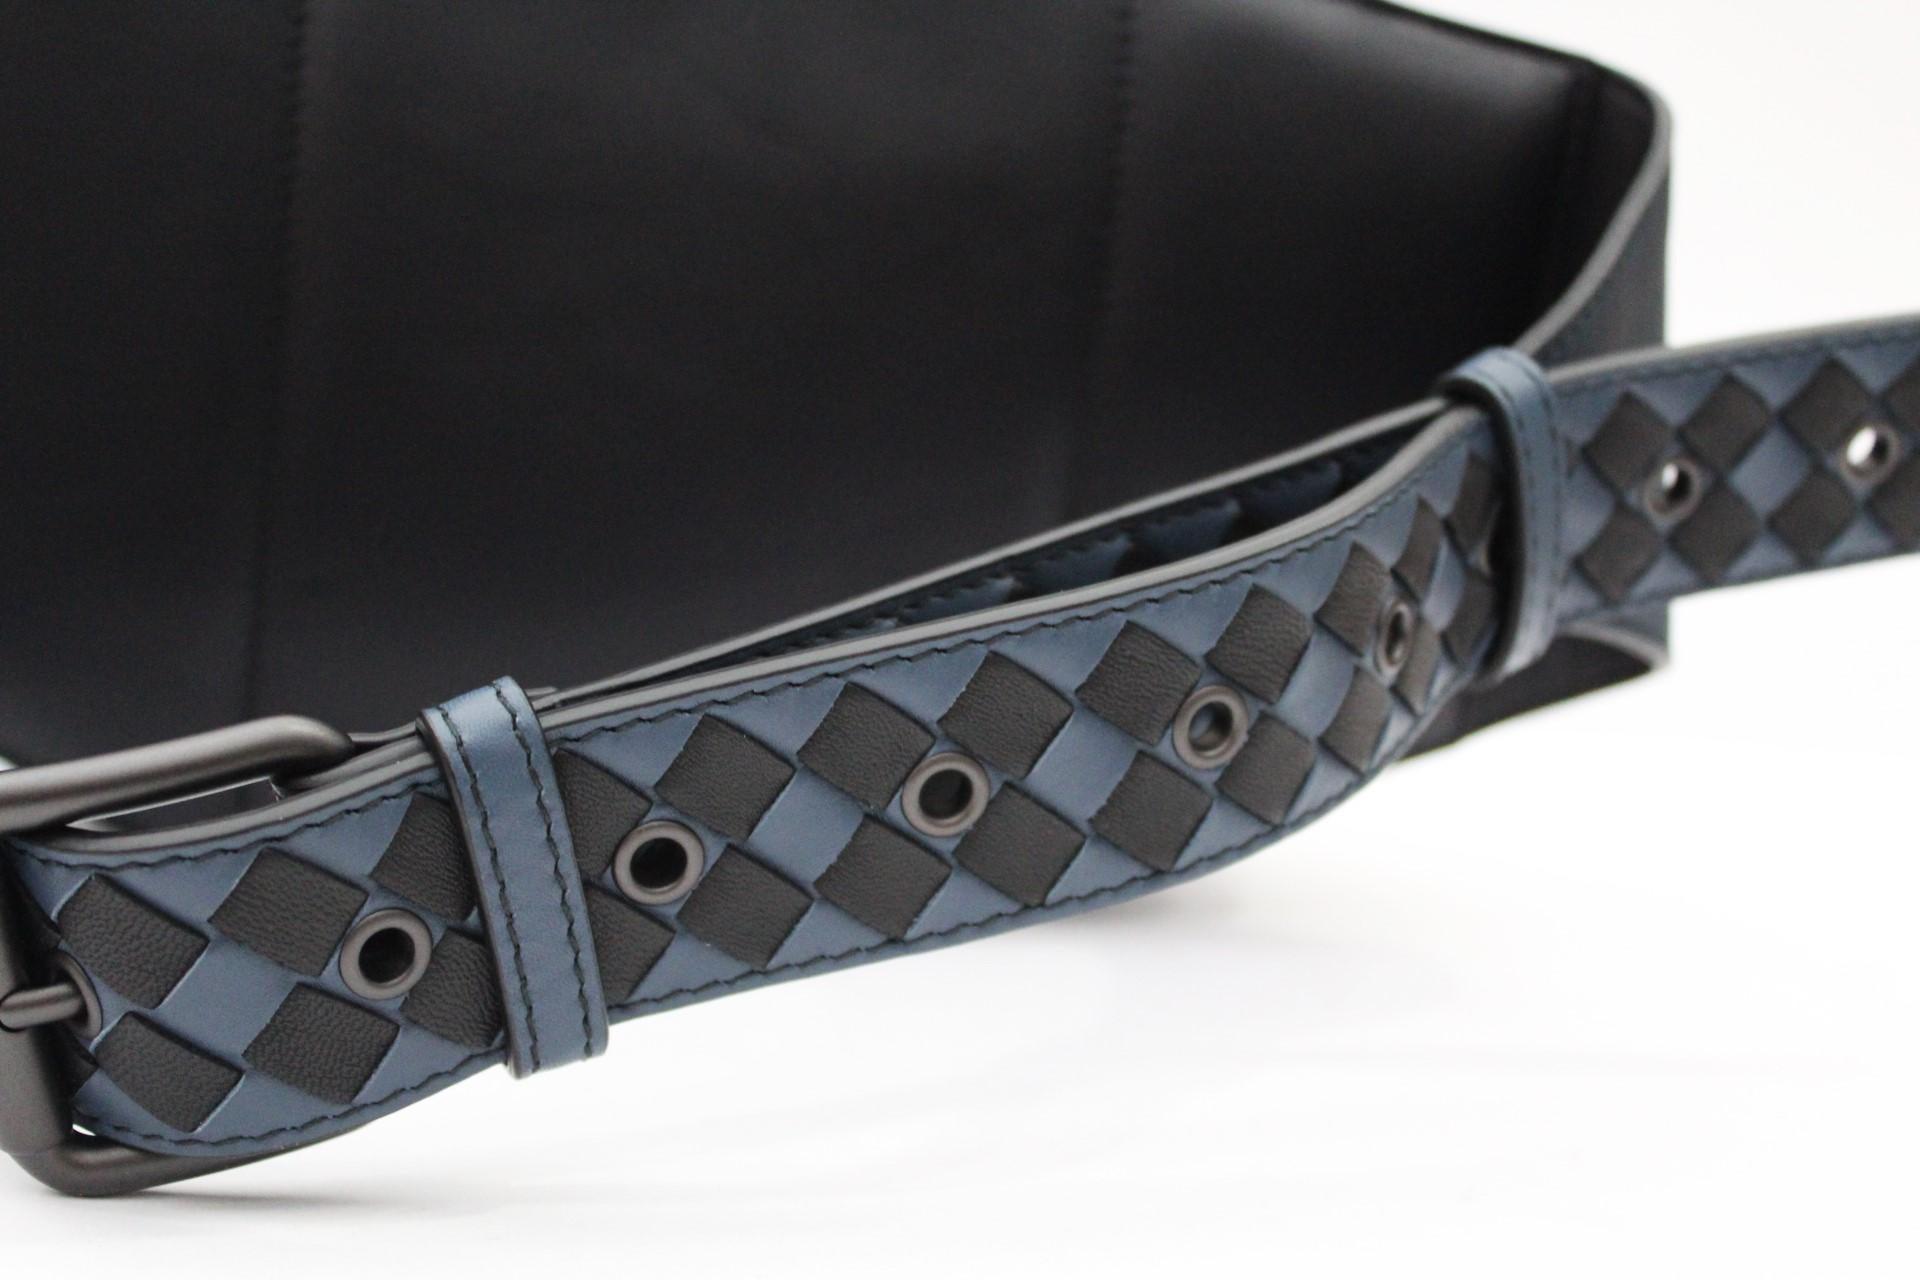 921eed57eb14 Bottega Veneta Lambskin Leather Belt Bag For Sale at 1stdibs